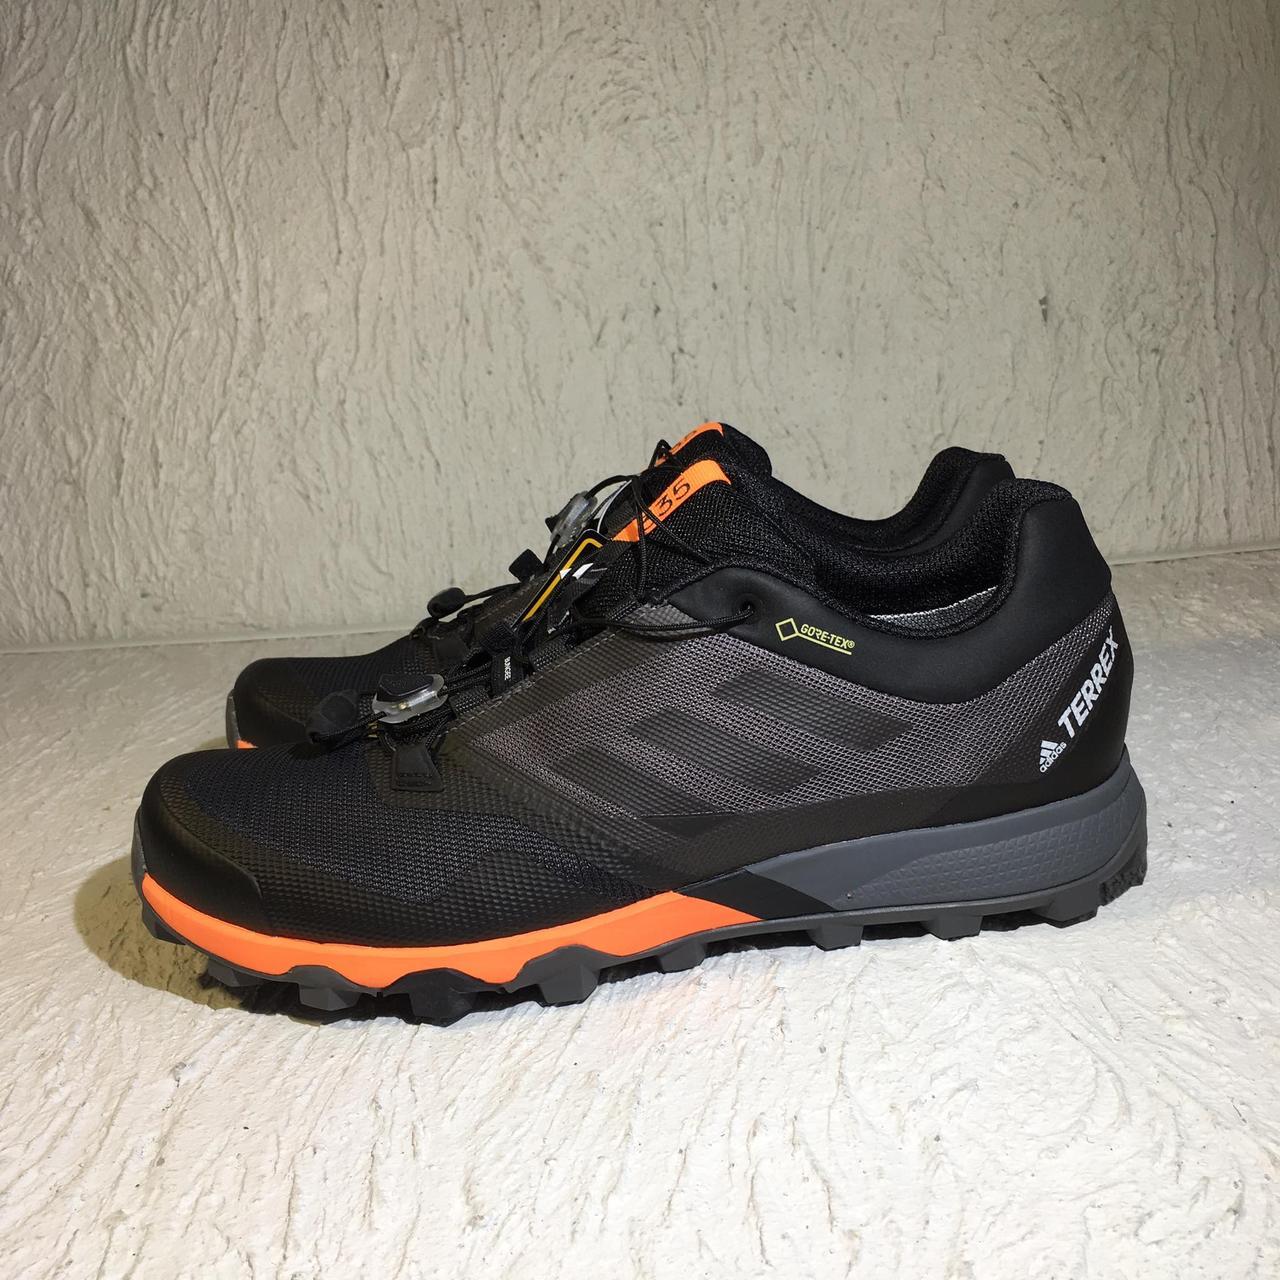 Мужские кроссовки Adidas Terrex Trailmaker Gore-Tex AC7909 42, 42.5, 43.5, 44, 44.5 размер